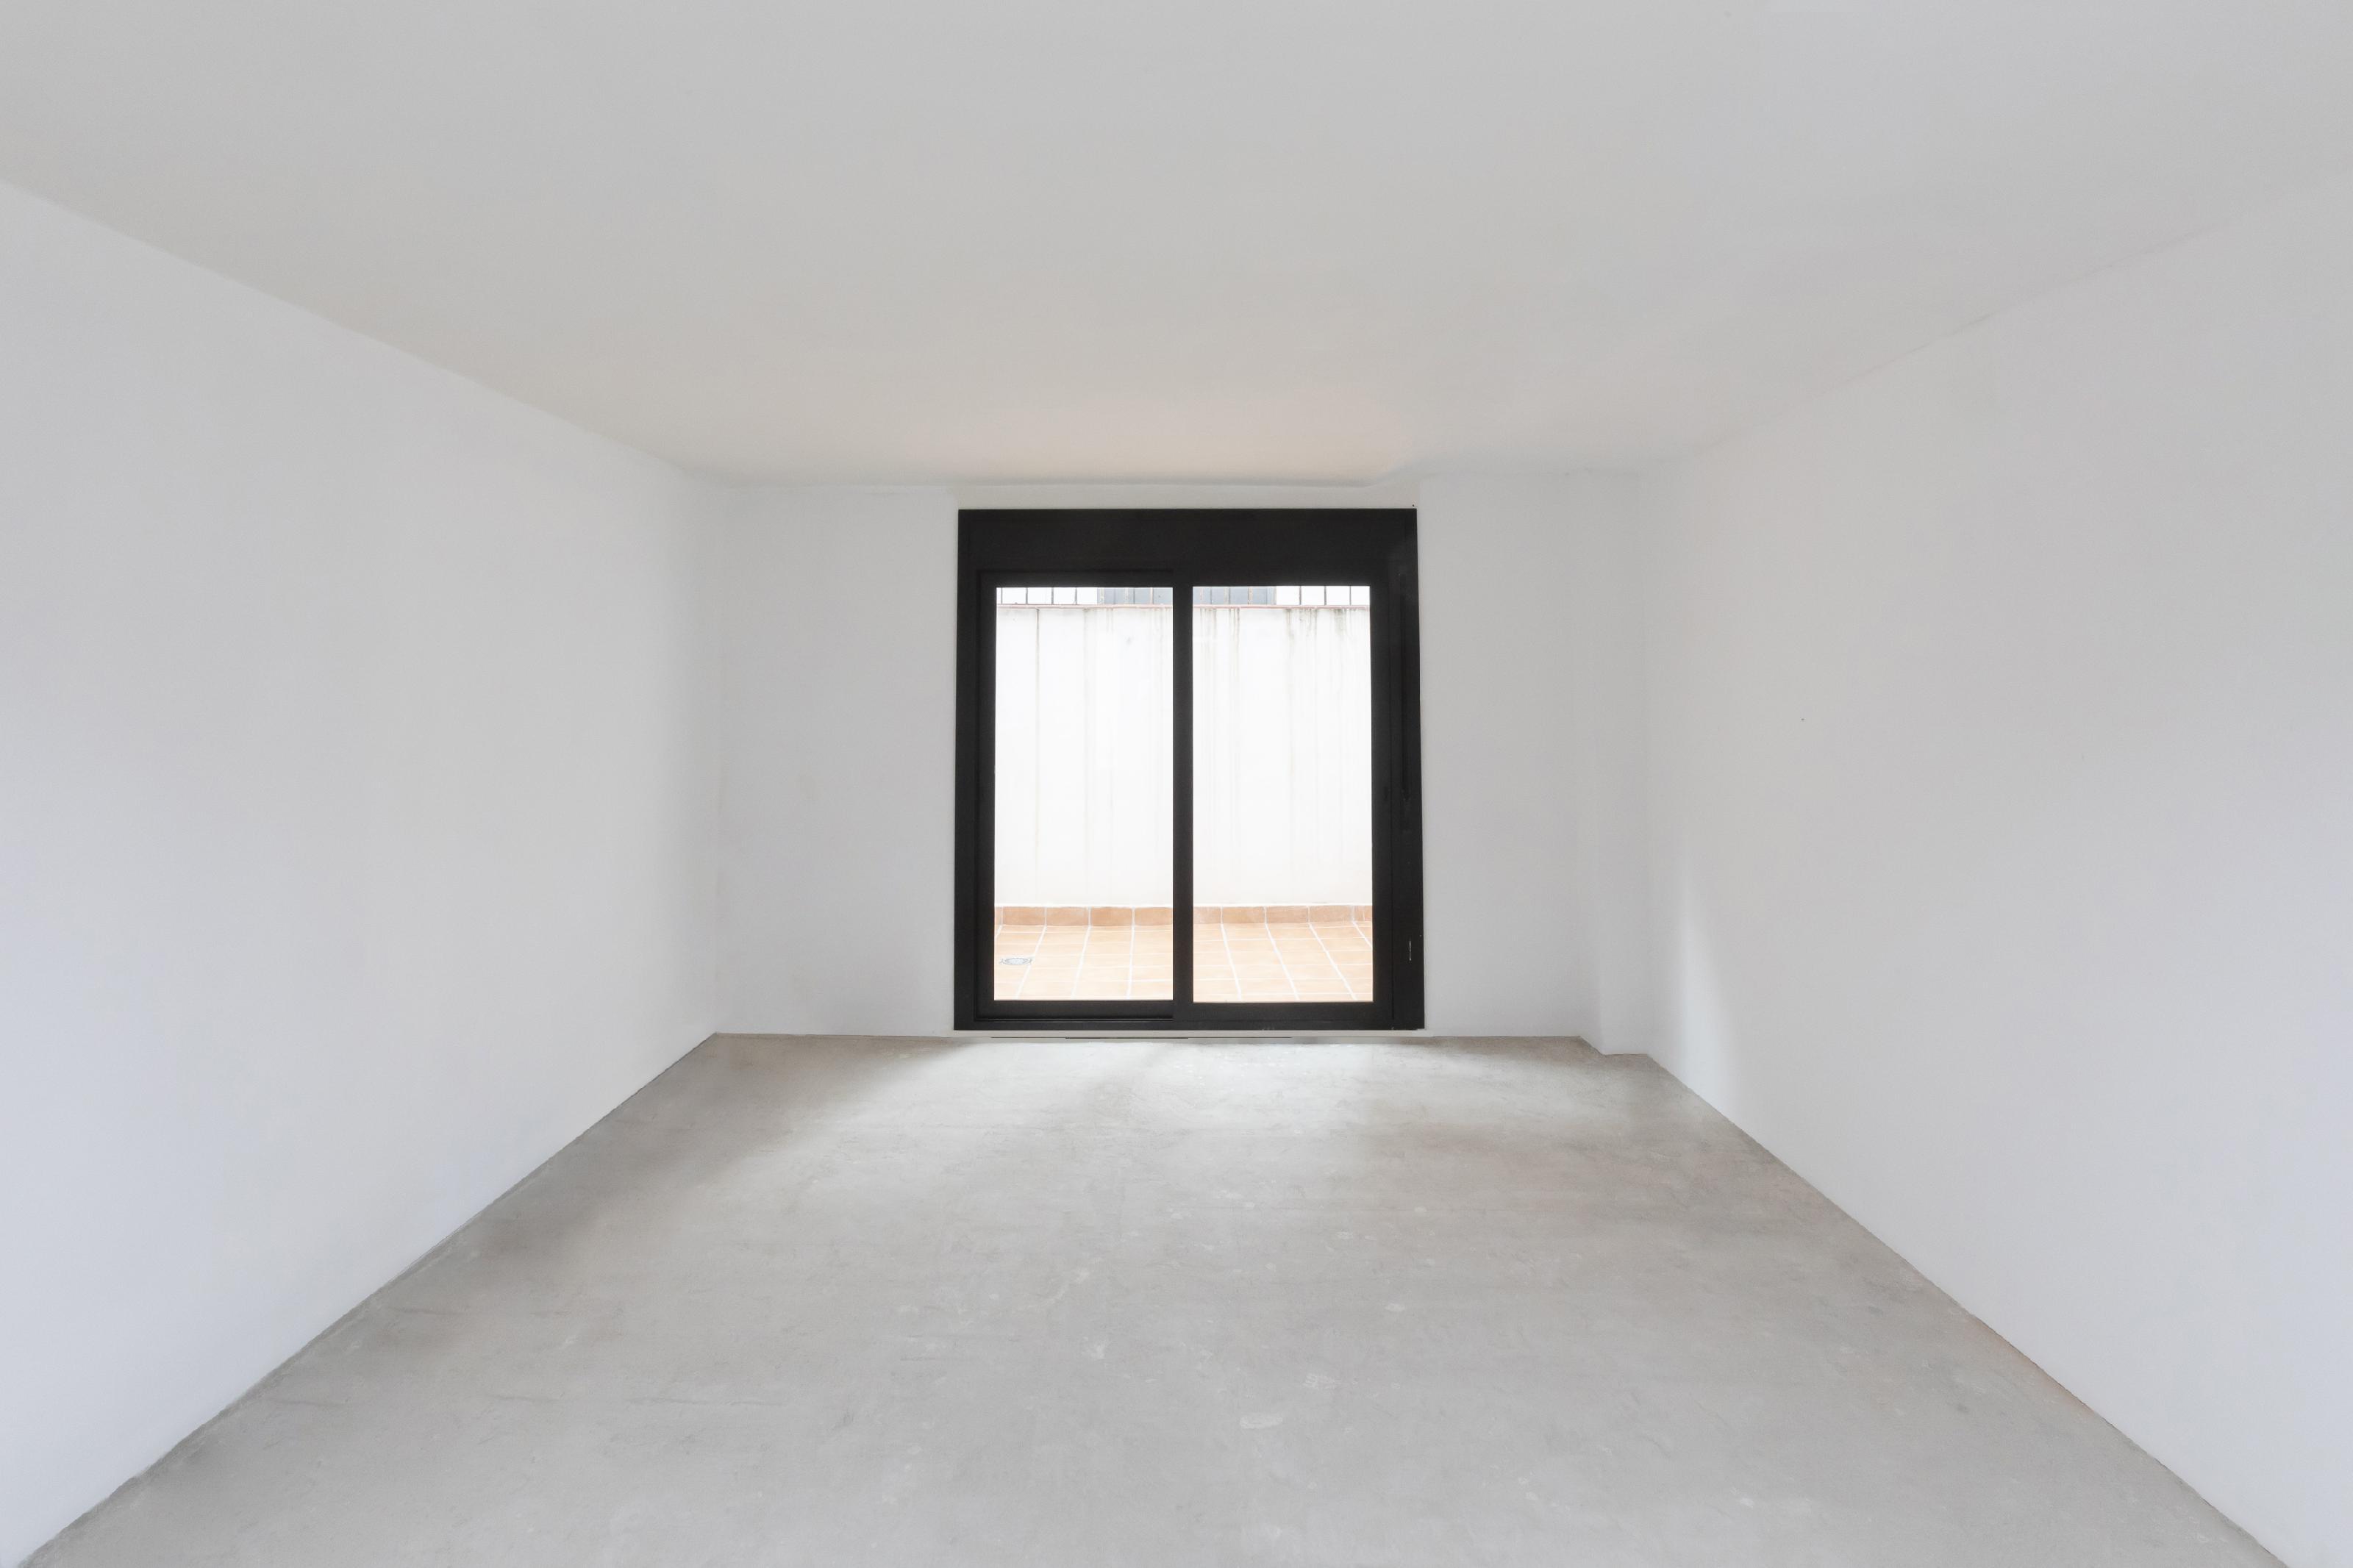 253983 Loft for sale in Gràcia, Vila de Gràcia 7